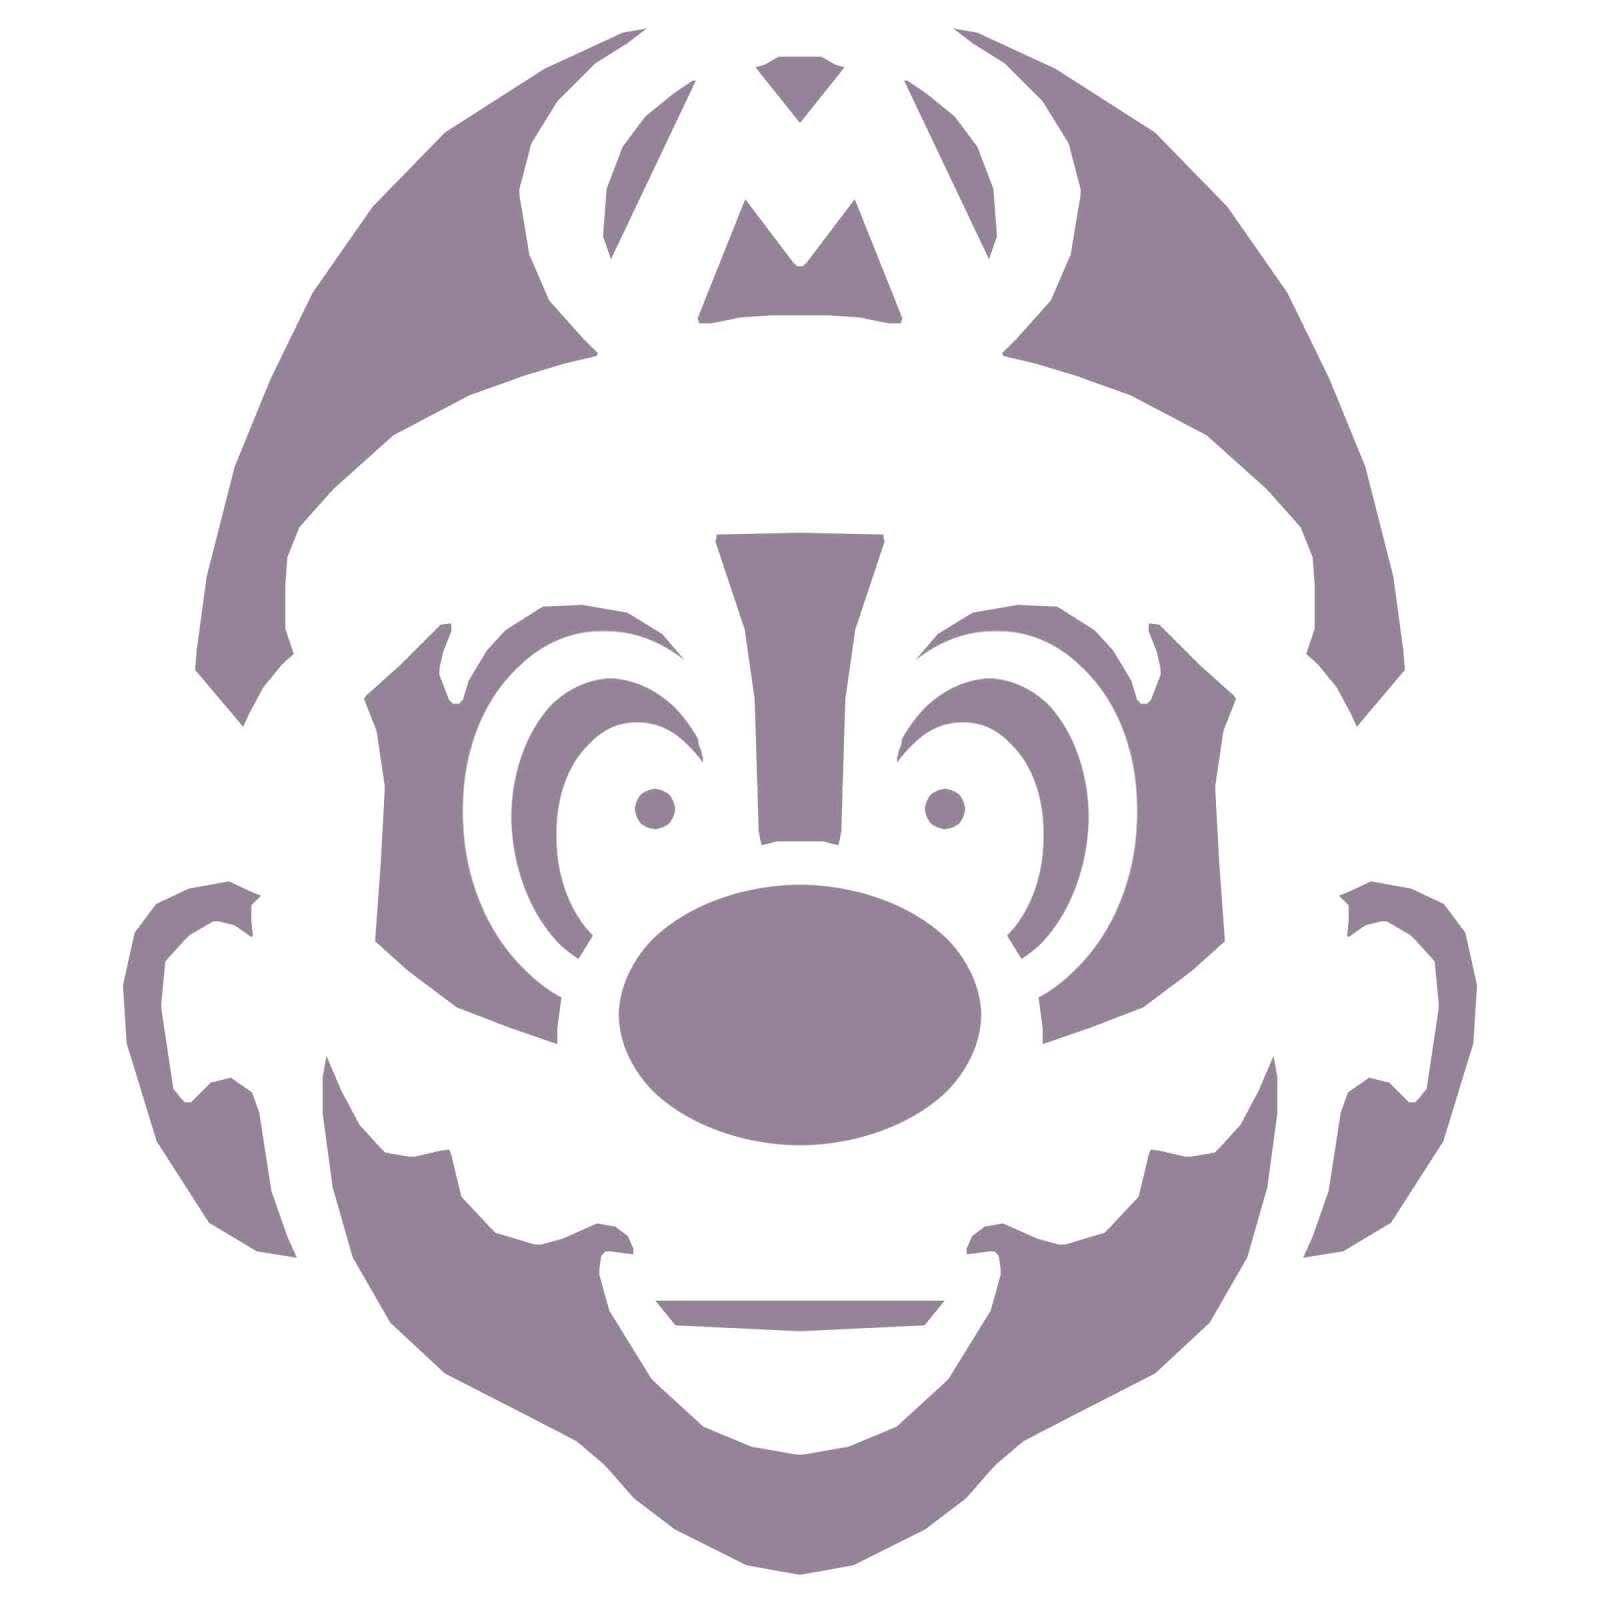 Free+Pumpkin+Stencils | Mario Pumpkin - Spookify your pumpkin with a Mario pumpkin stencil!